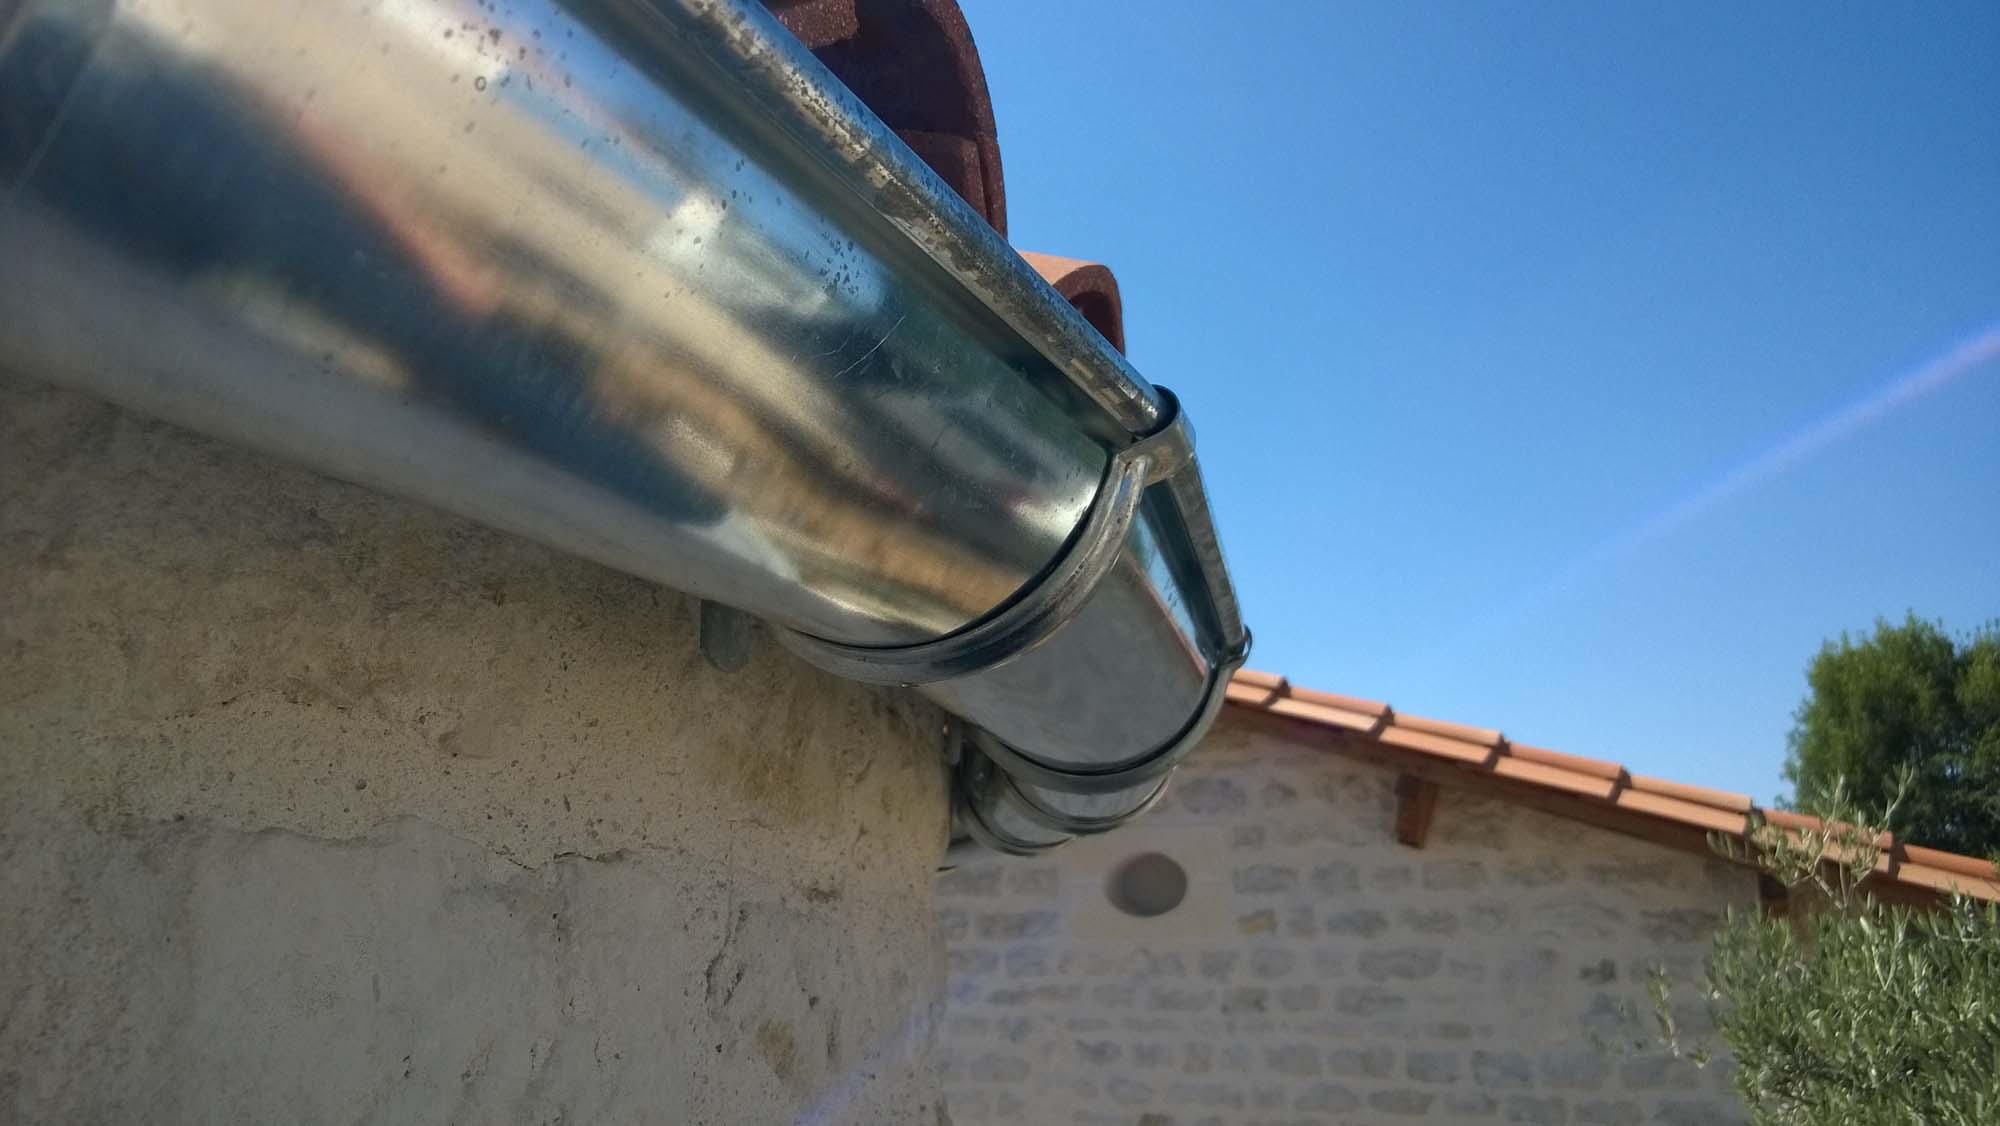 Gouttière demie-ronde cintrée - PLANCHOT Guy-Bernard Couverture